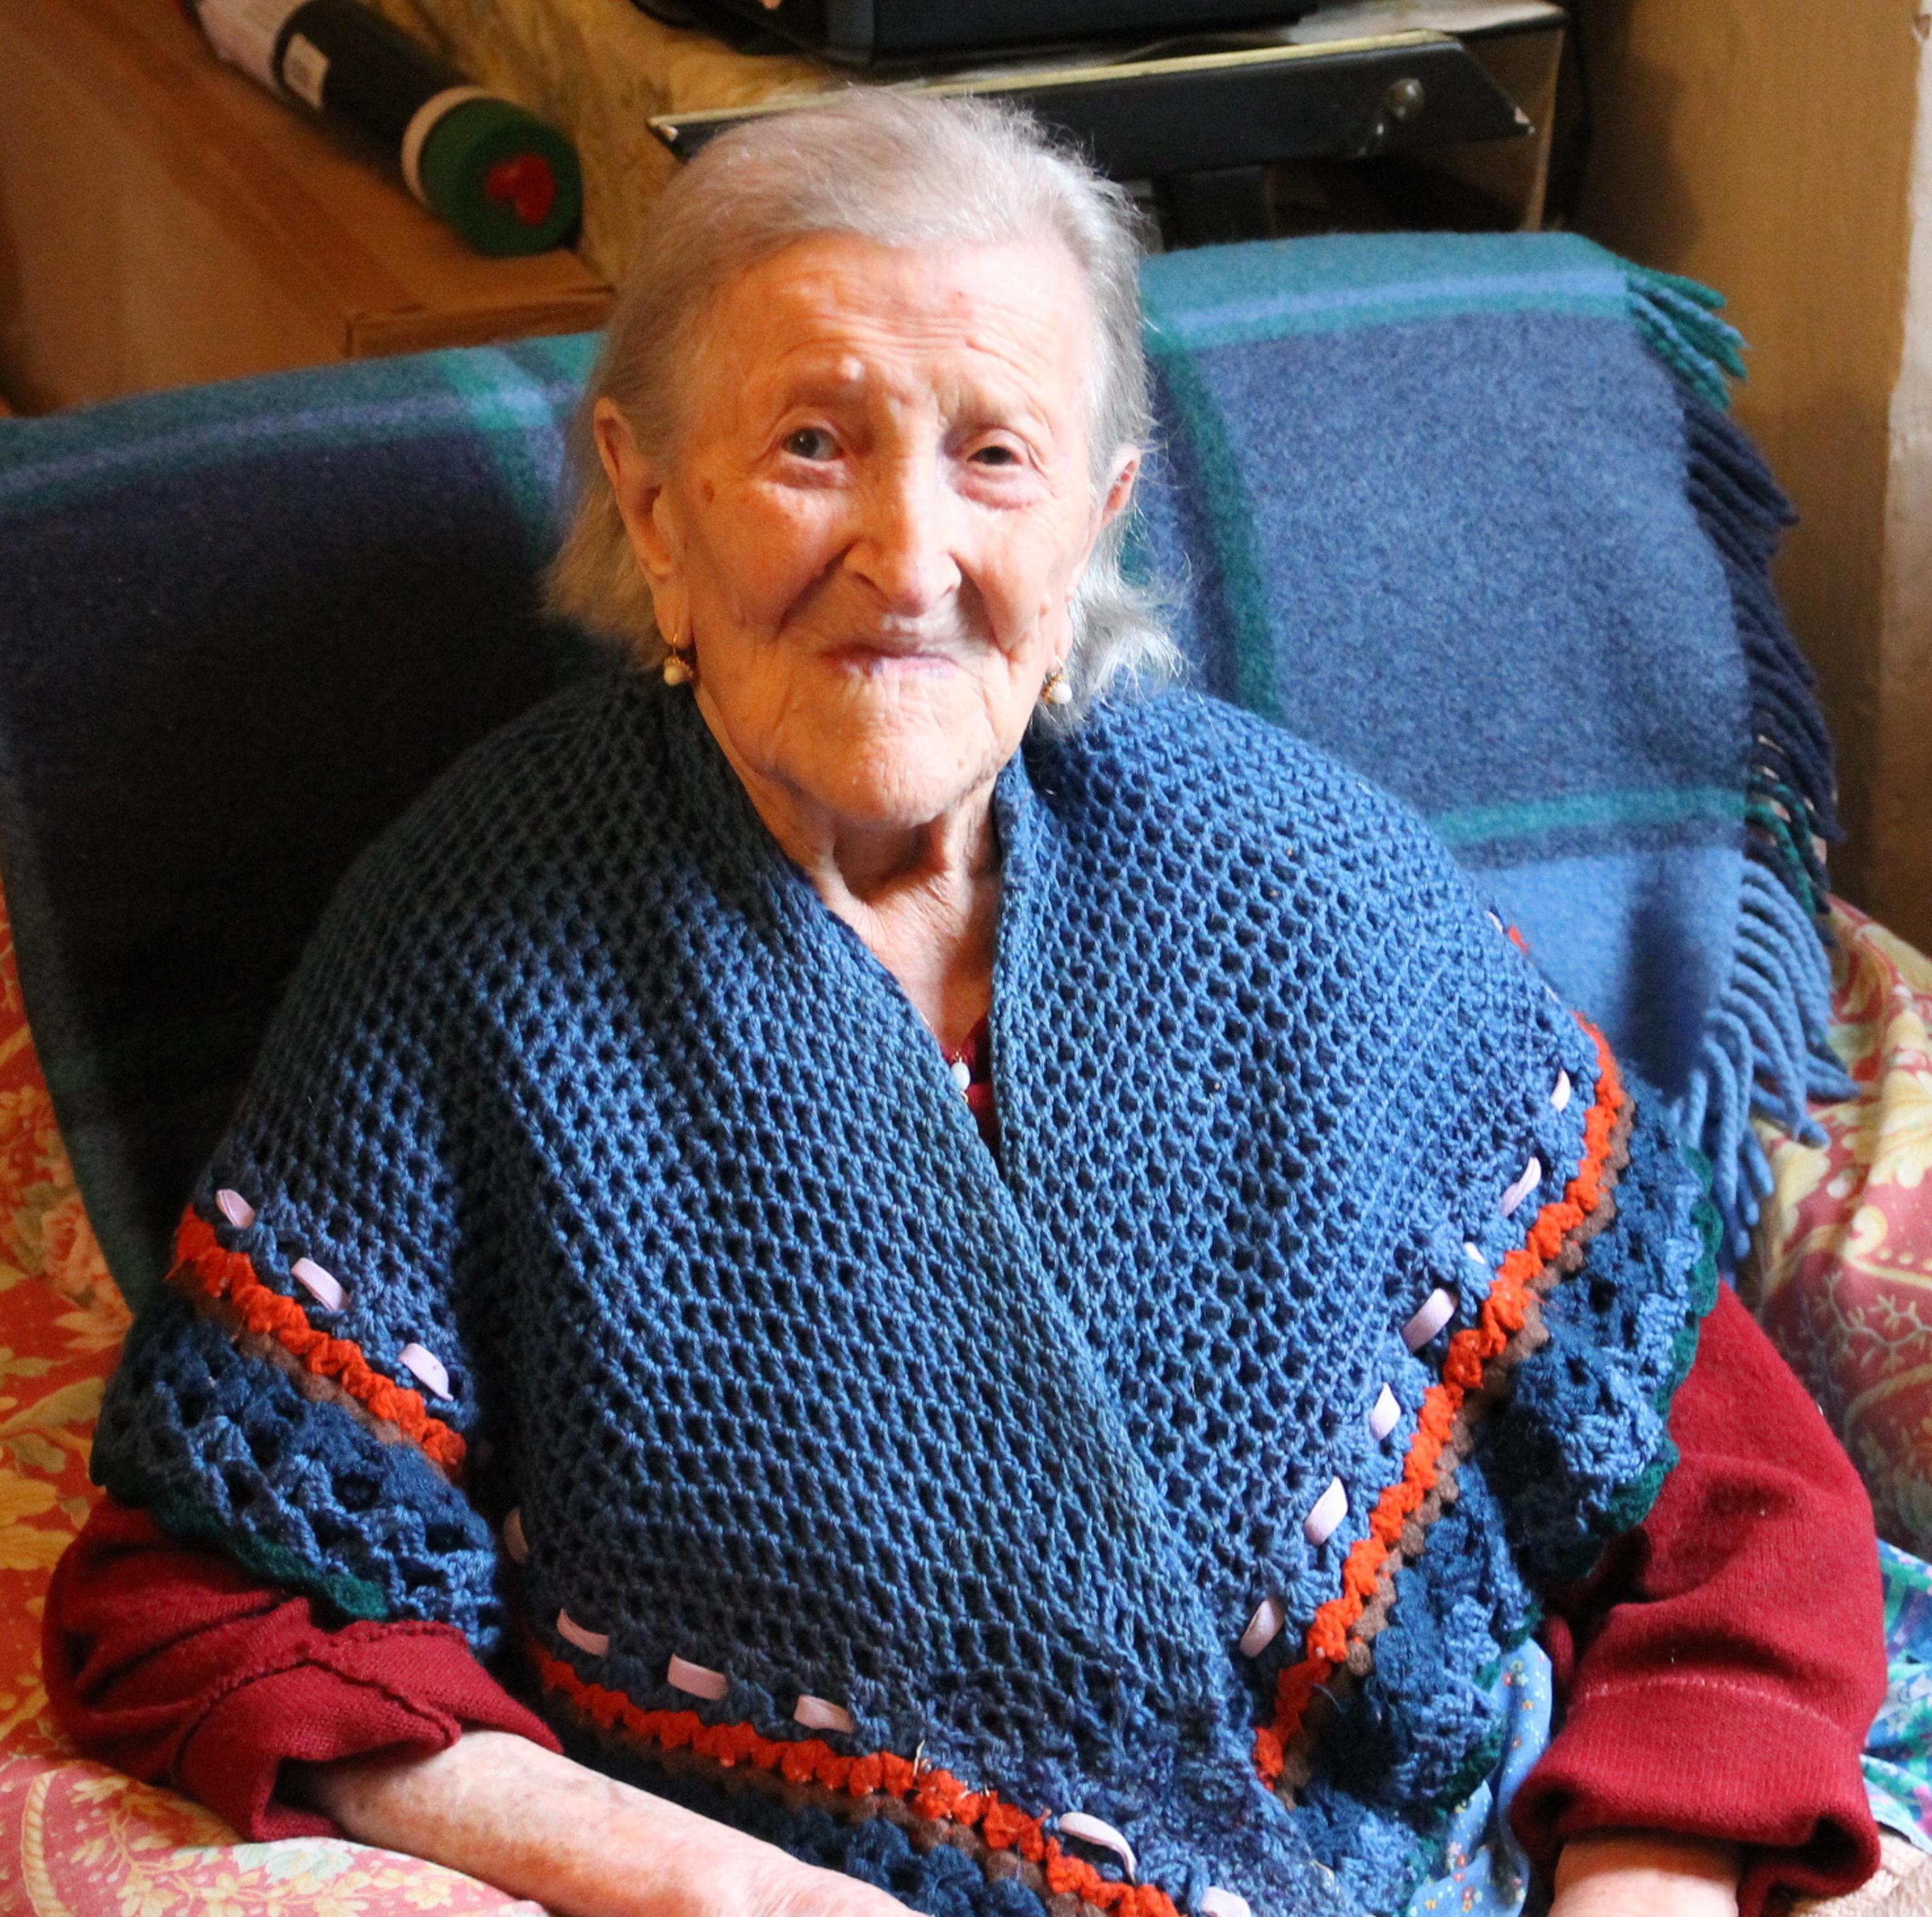 Compie 114 anni, a Verbania la nonna più vecchia d'Europa